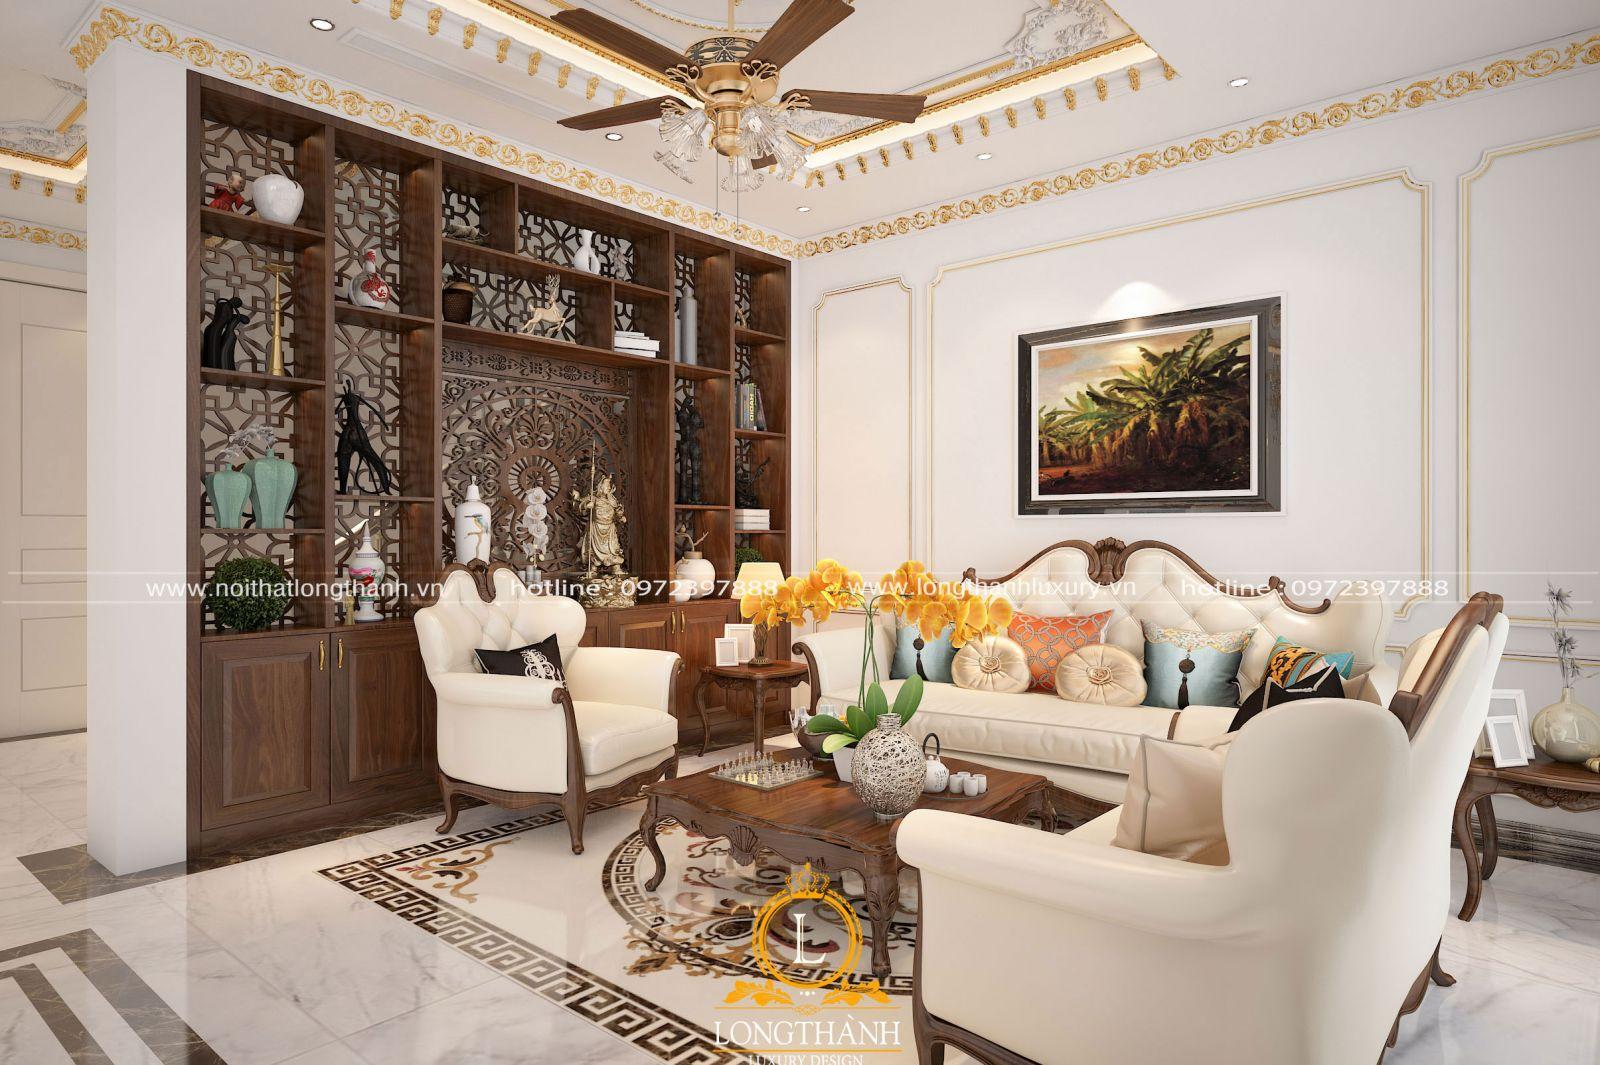 Bộ sofa tân cổ điển nhẹ nhàng cho phòng khách